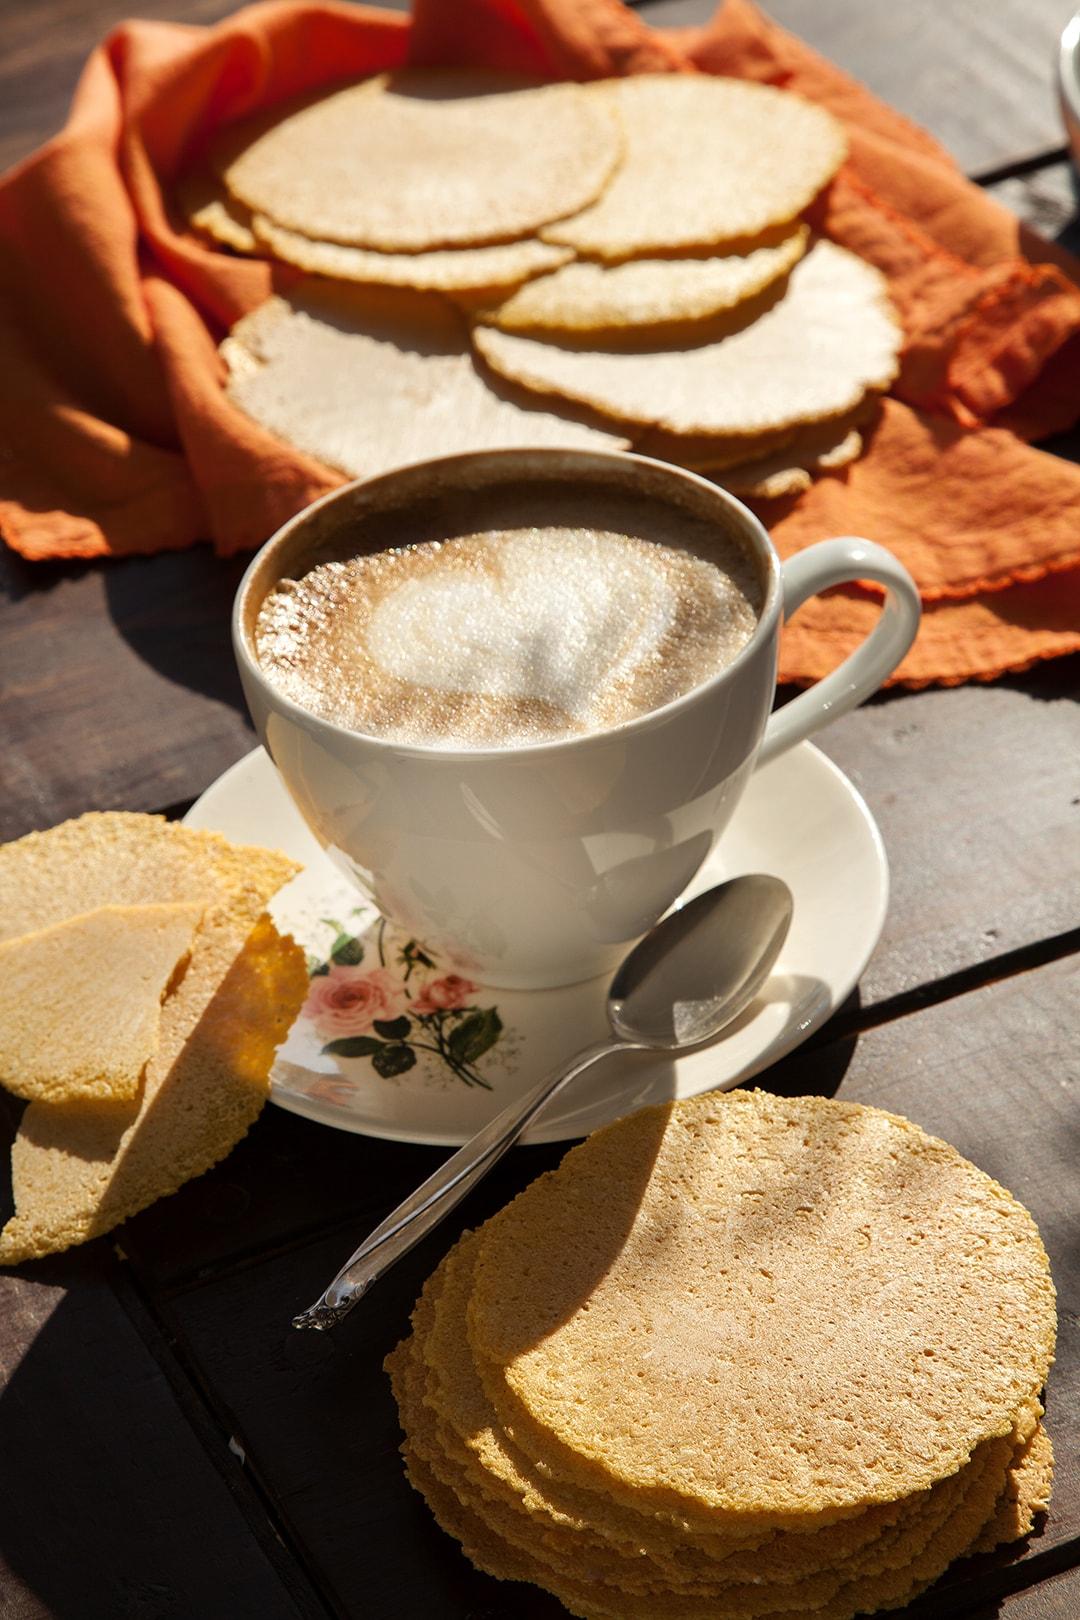 coffee-food-photography-miami-marcel-boldu.jpg